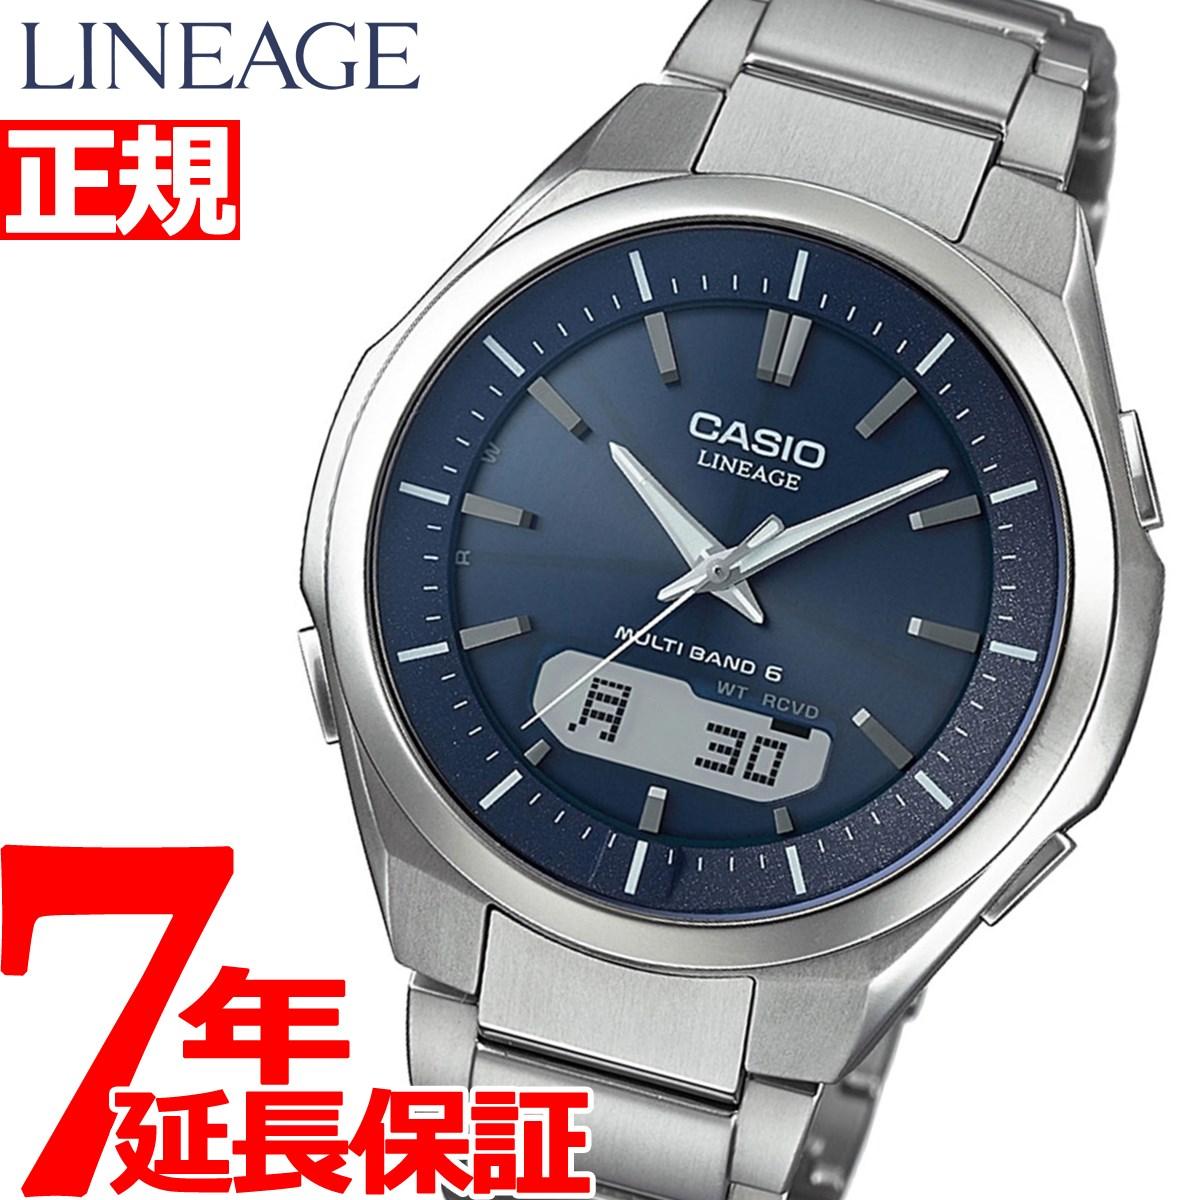 カシオ リニエージ CASIO LINEAGE 電波 ソーラー 電波時計 腕時計 メンズ アナデジ タフソーラー LCW-M500TD-2AJF